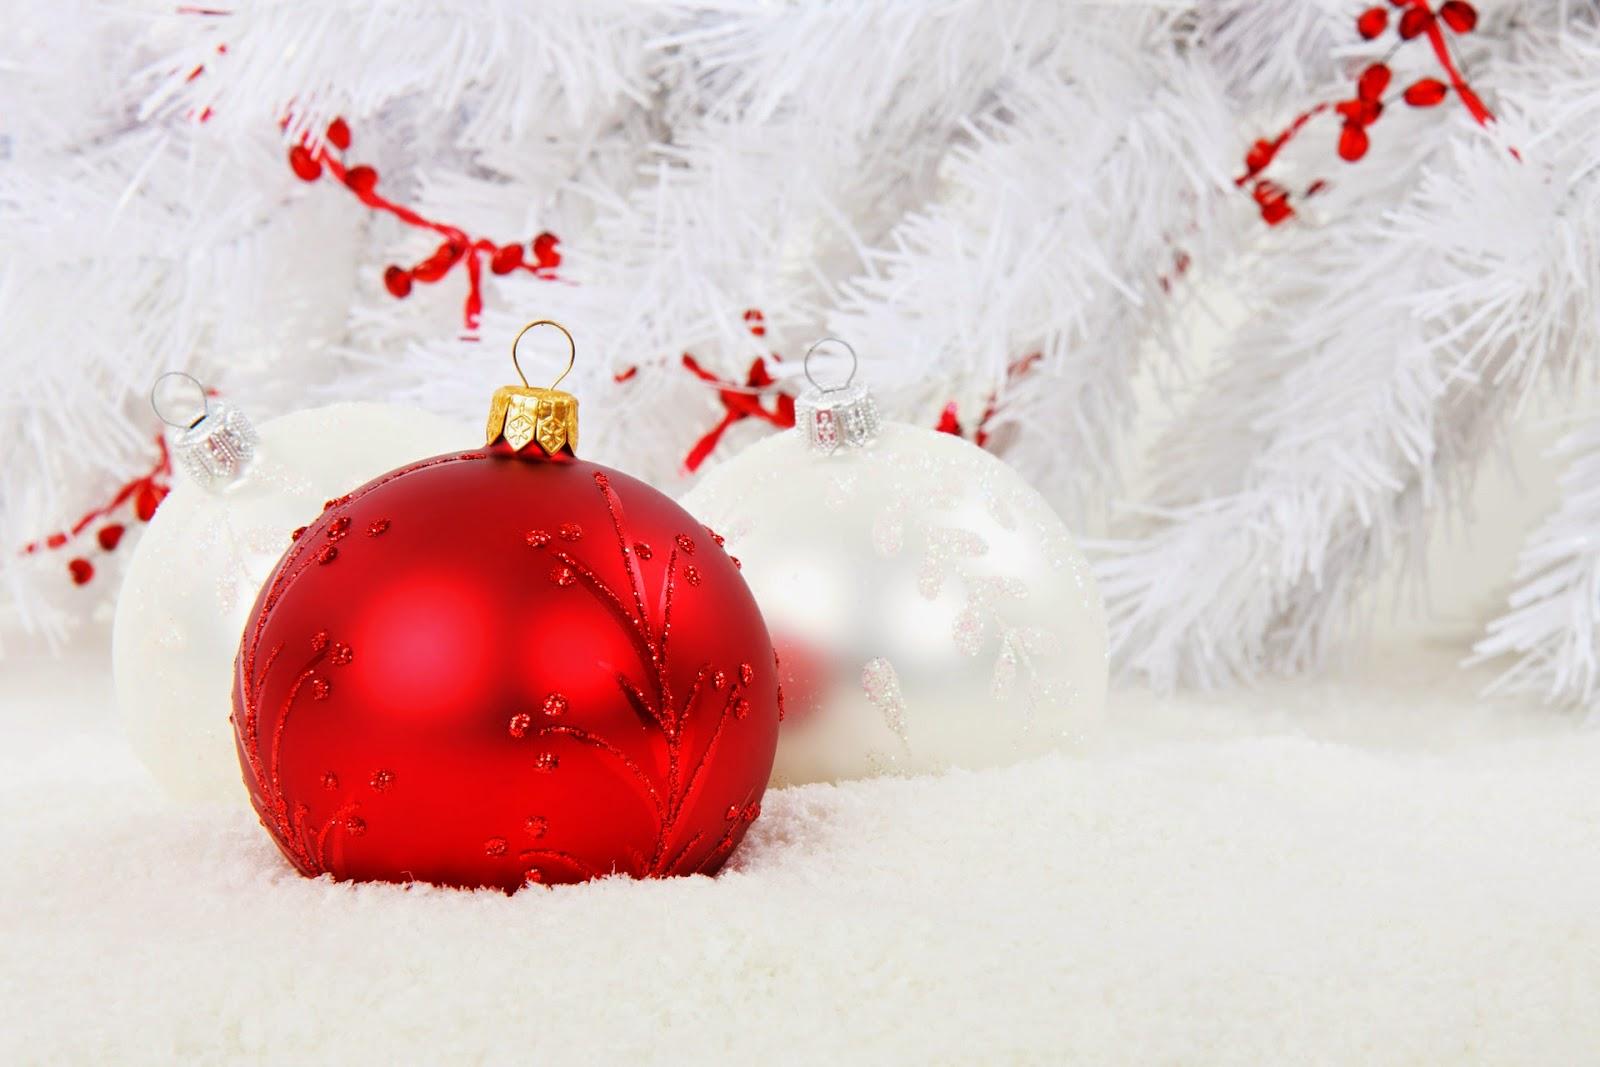 Feliz Navidad 2014 deseos